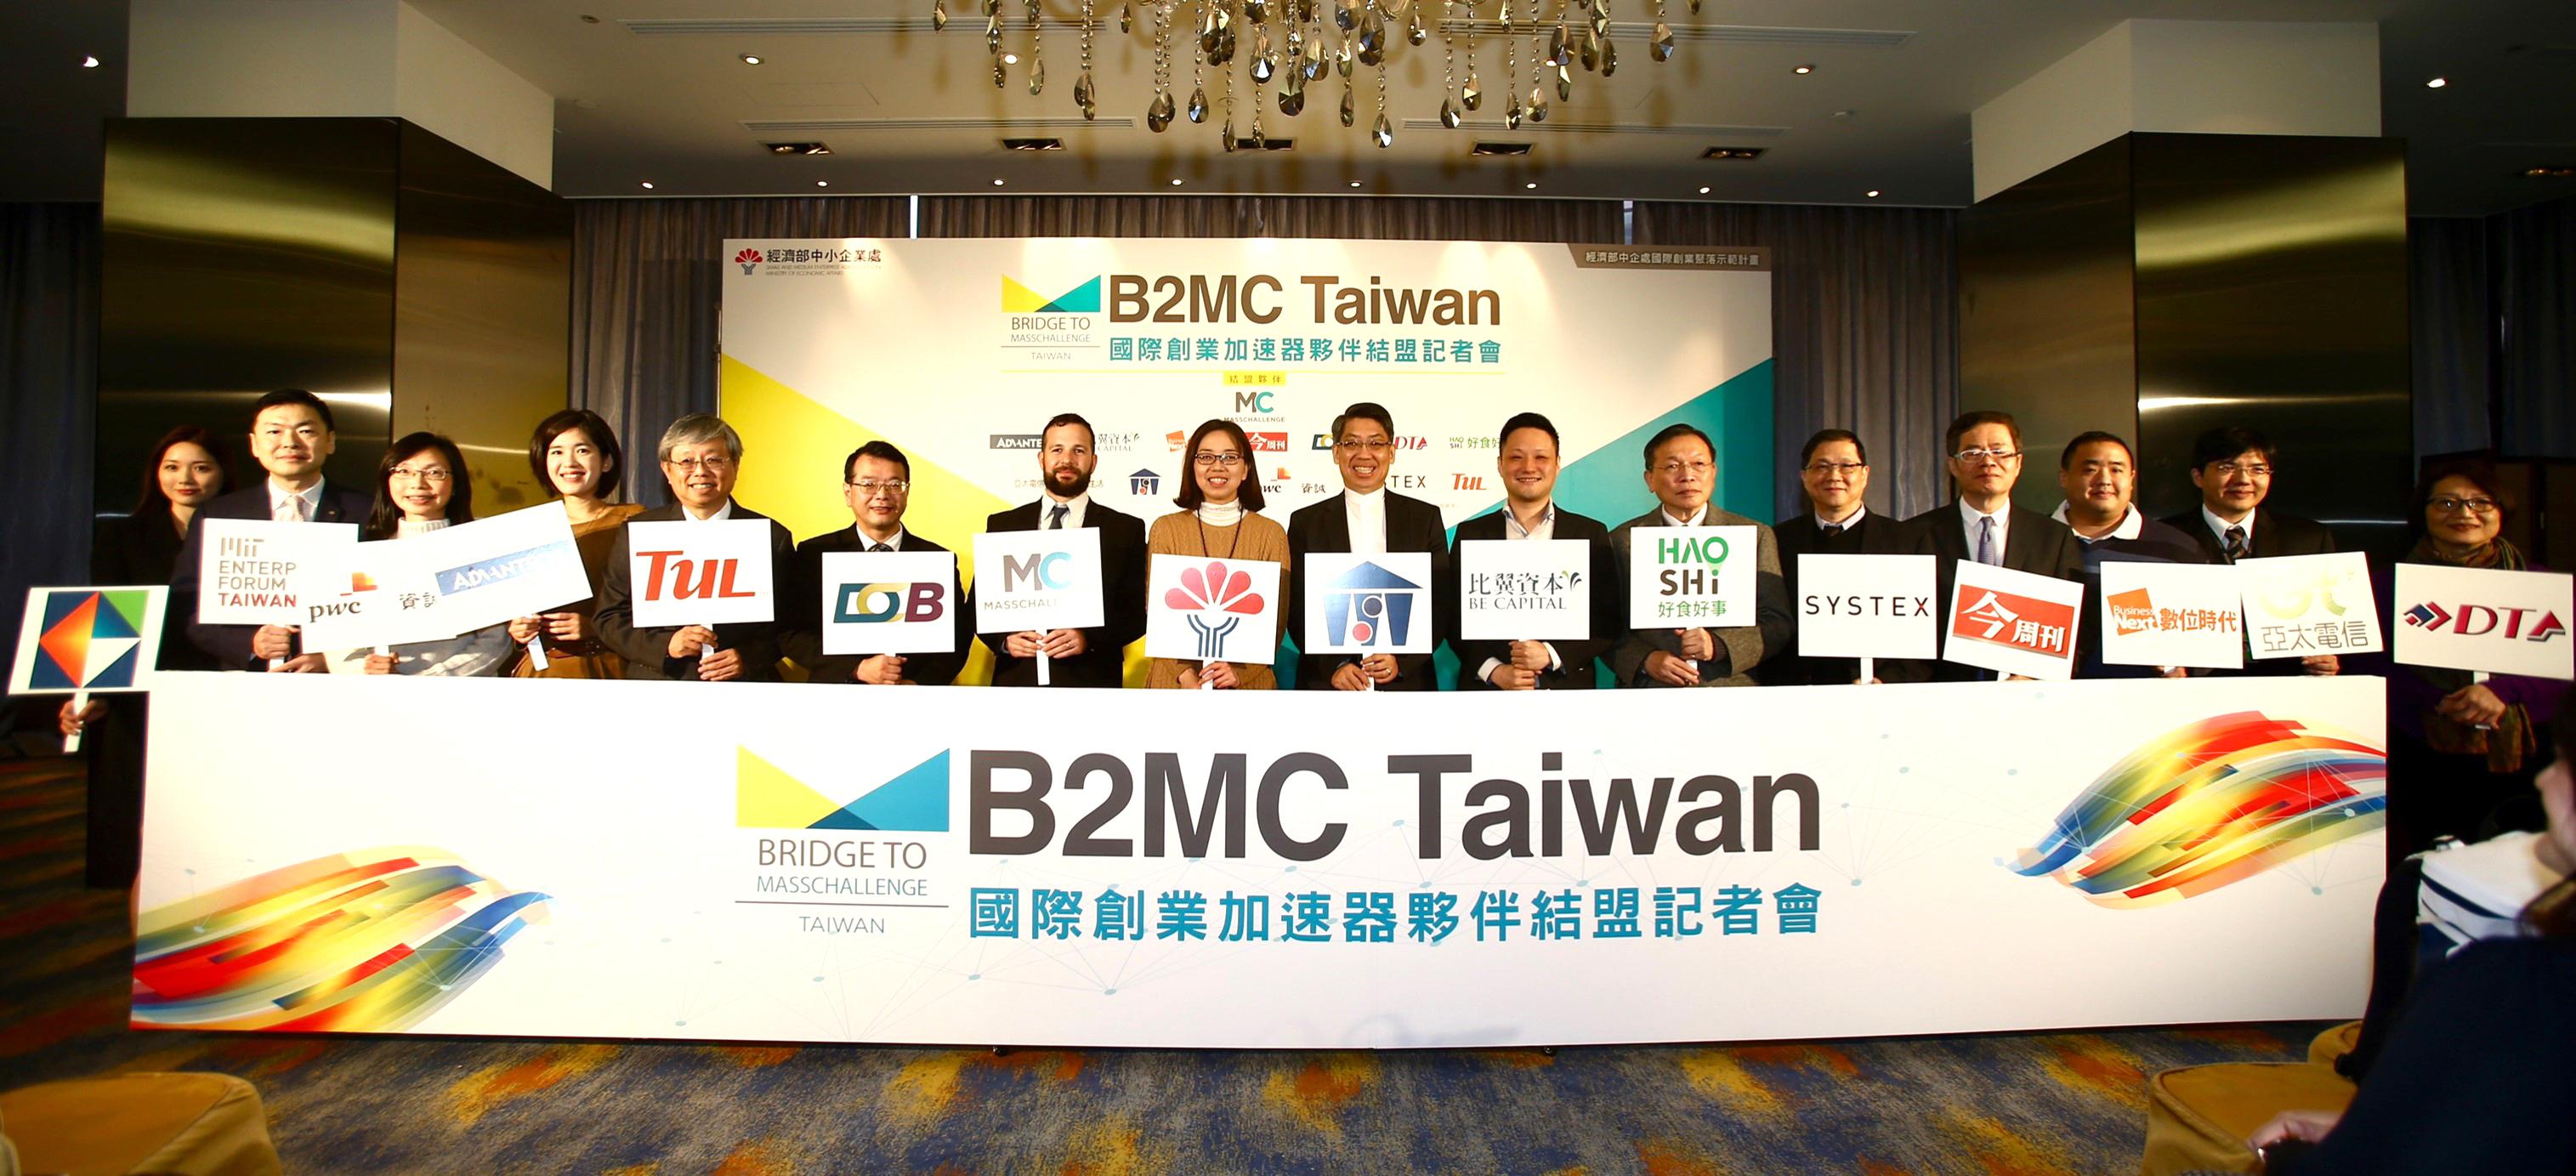 108.01.21 B2MC Taiwan 國際創業加速器夥伴結盟記者會